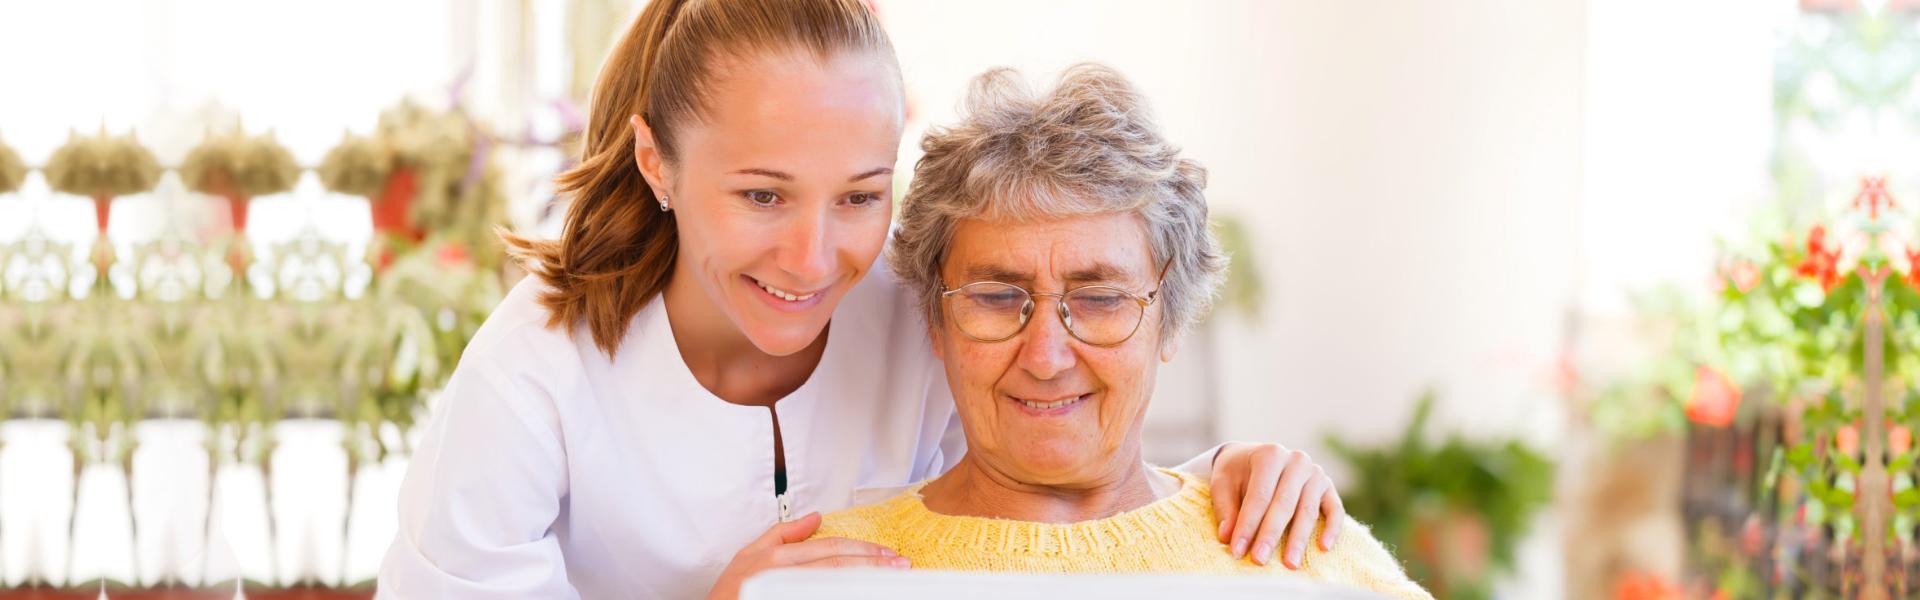 Caregiver and elder reading